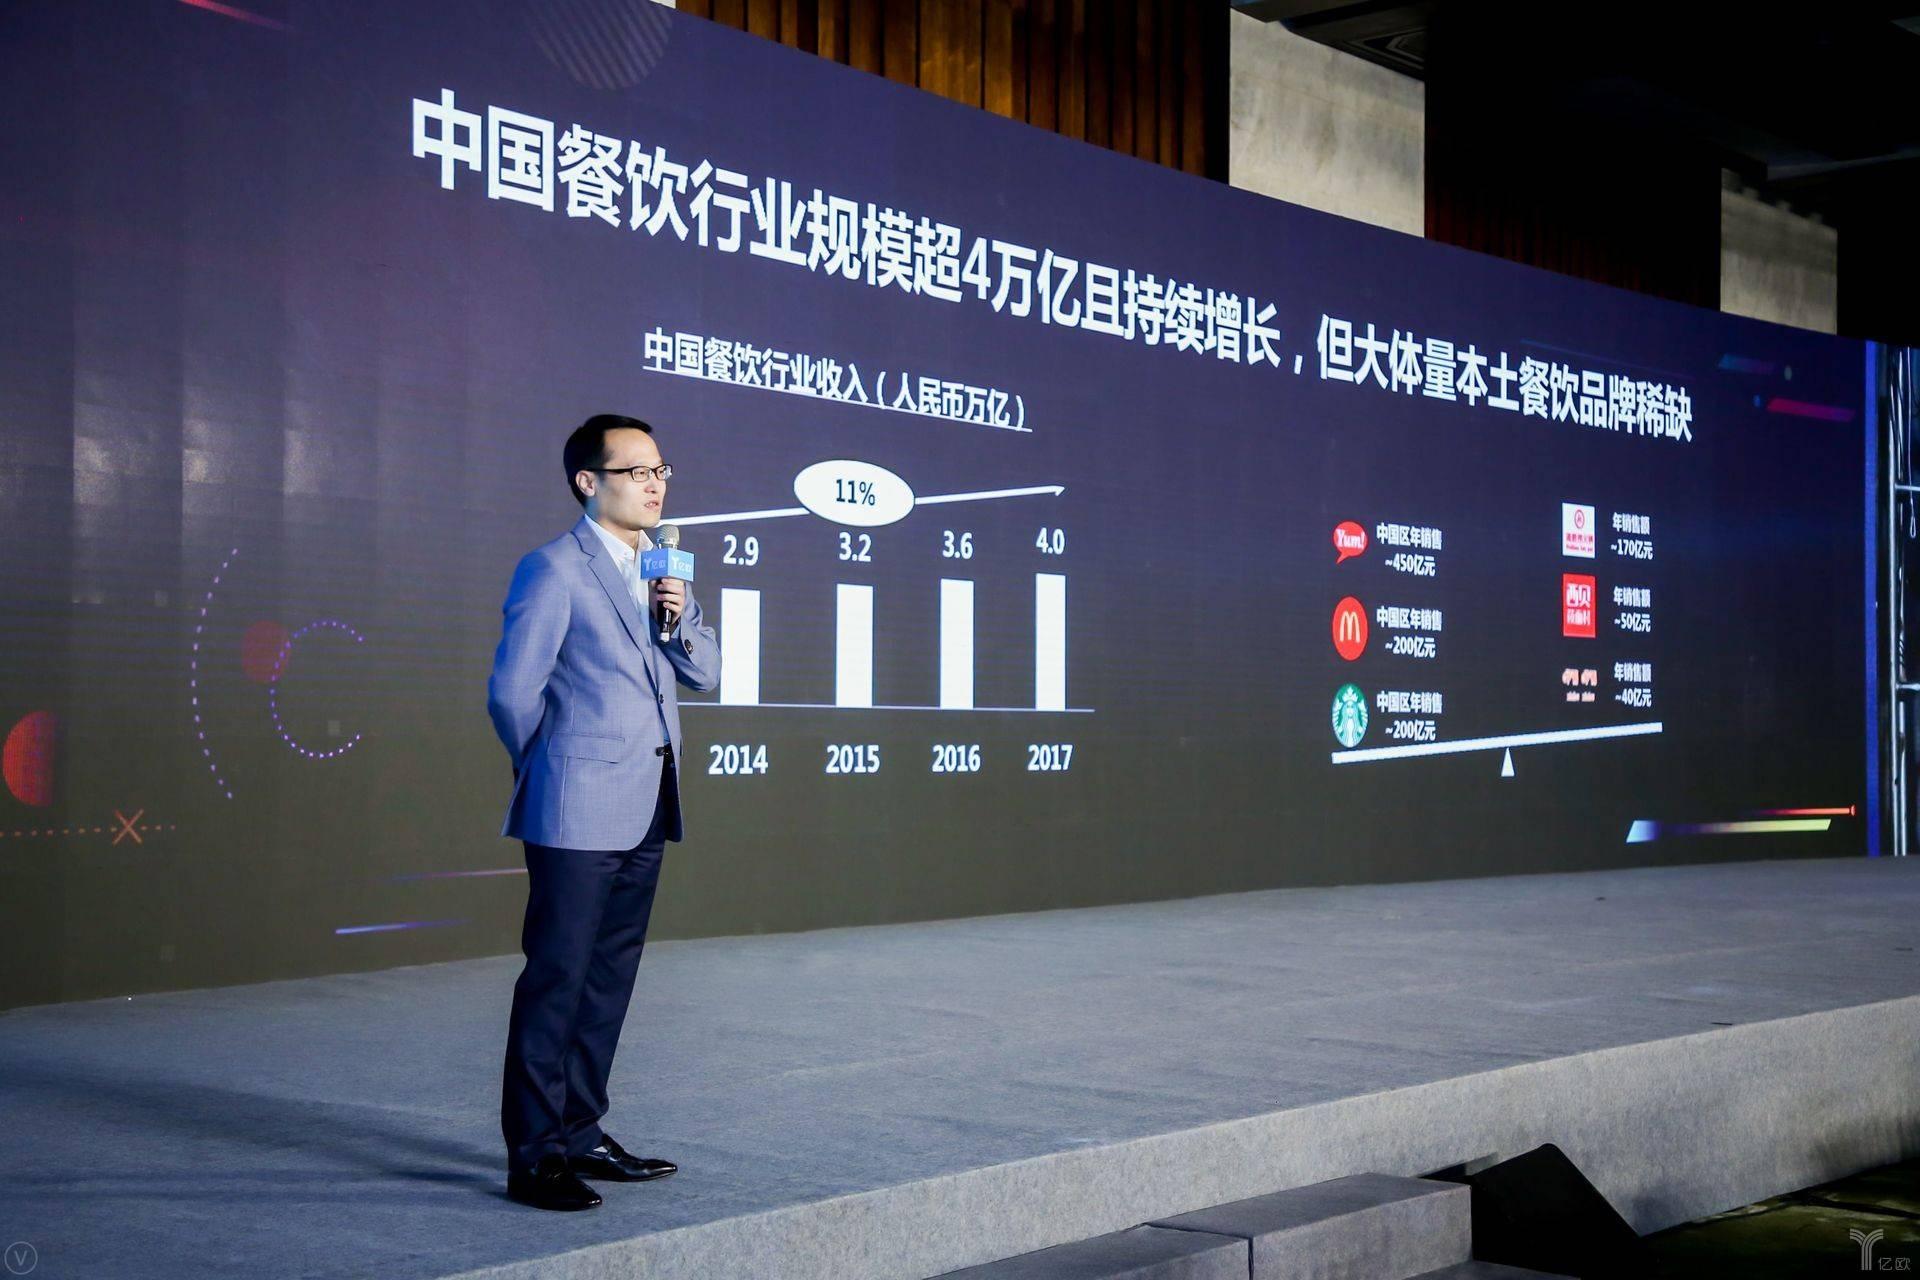 弘毅投资董事总经理王小龙:餐饮品牌创新的三大机会